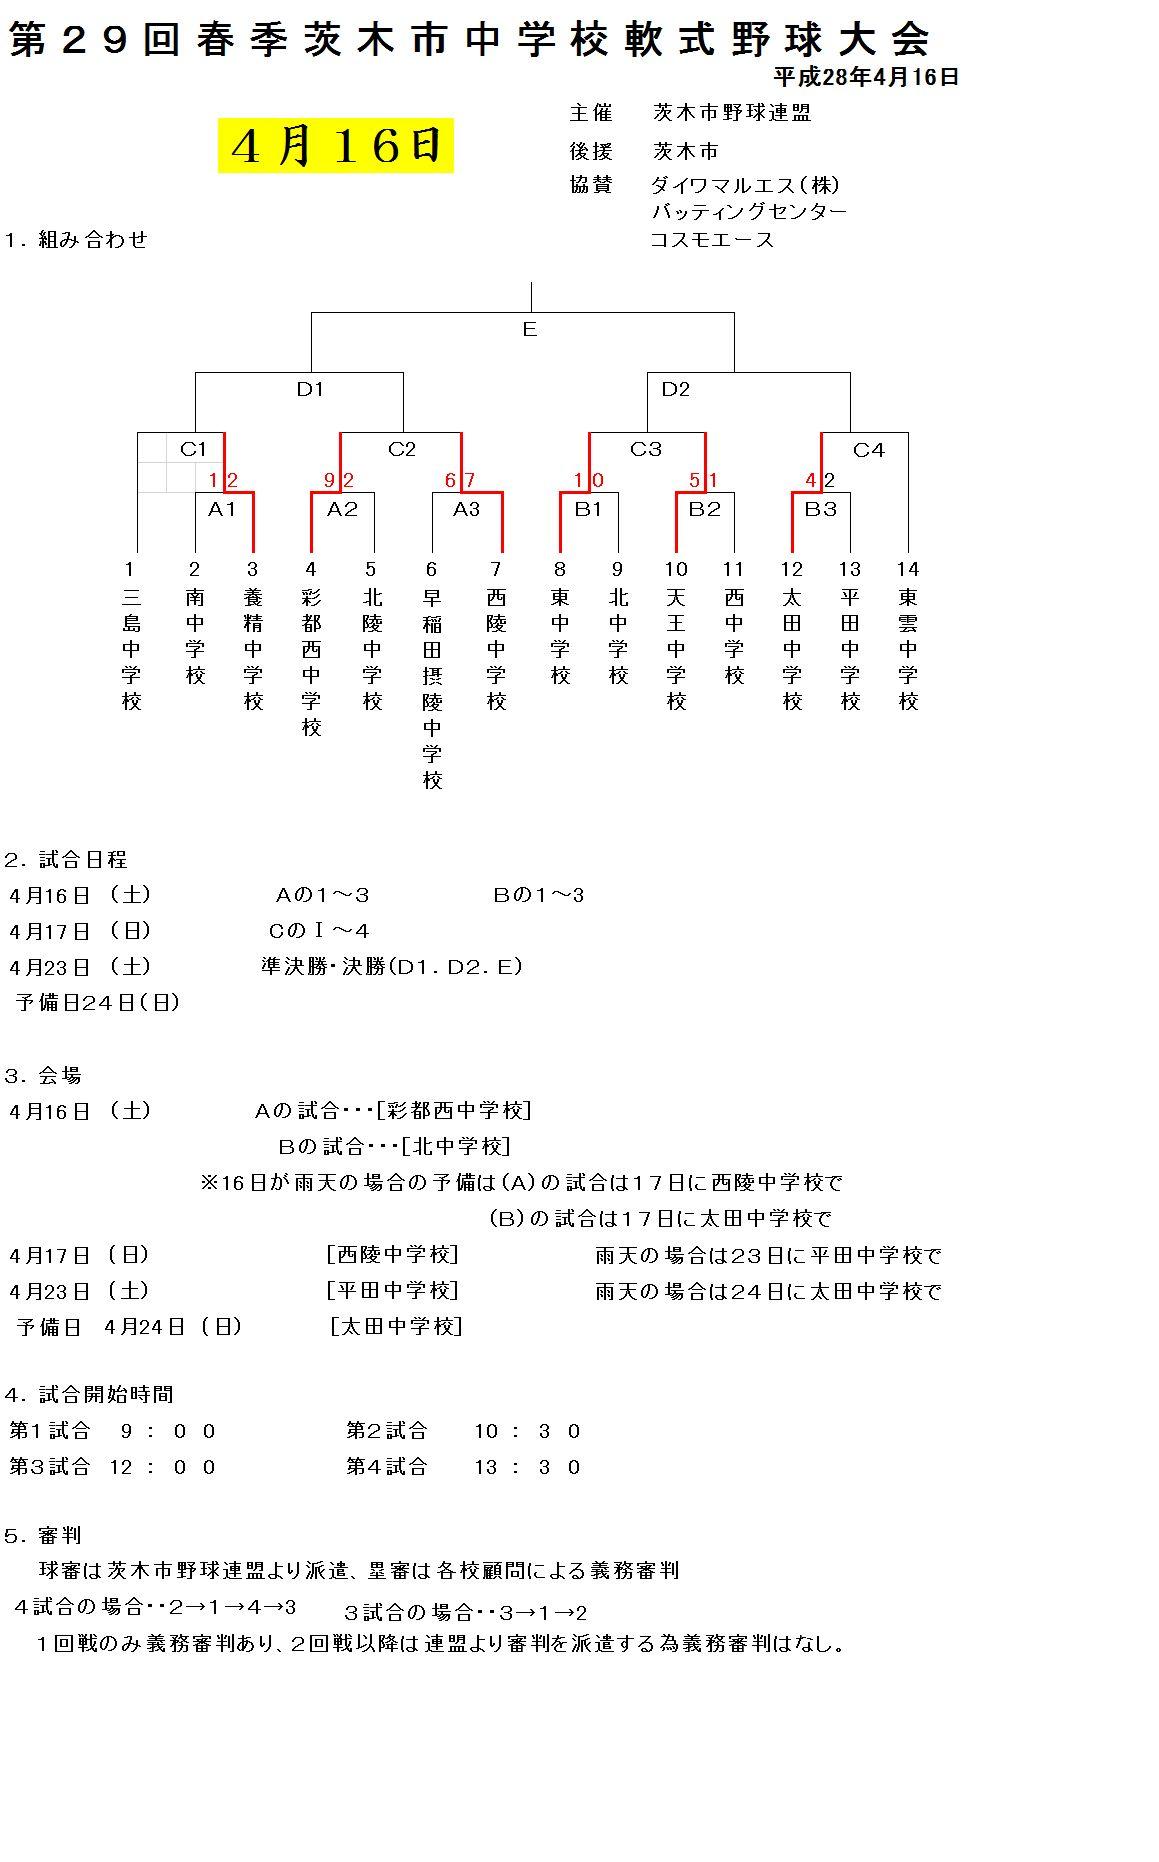 中学生春季大会4月16日試合結果